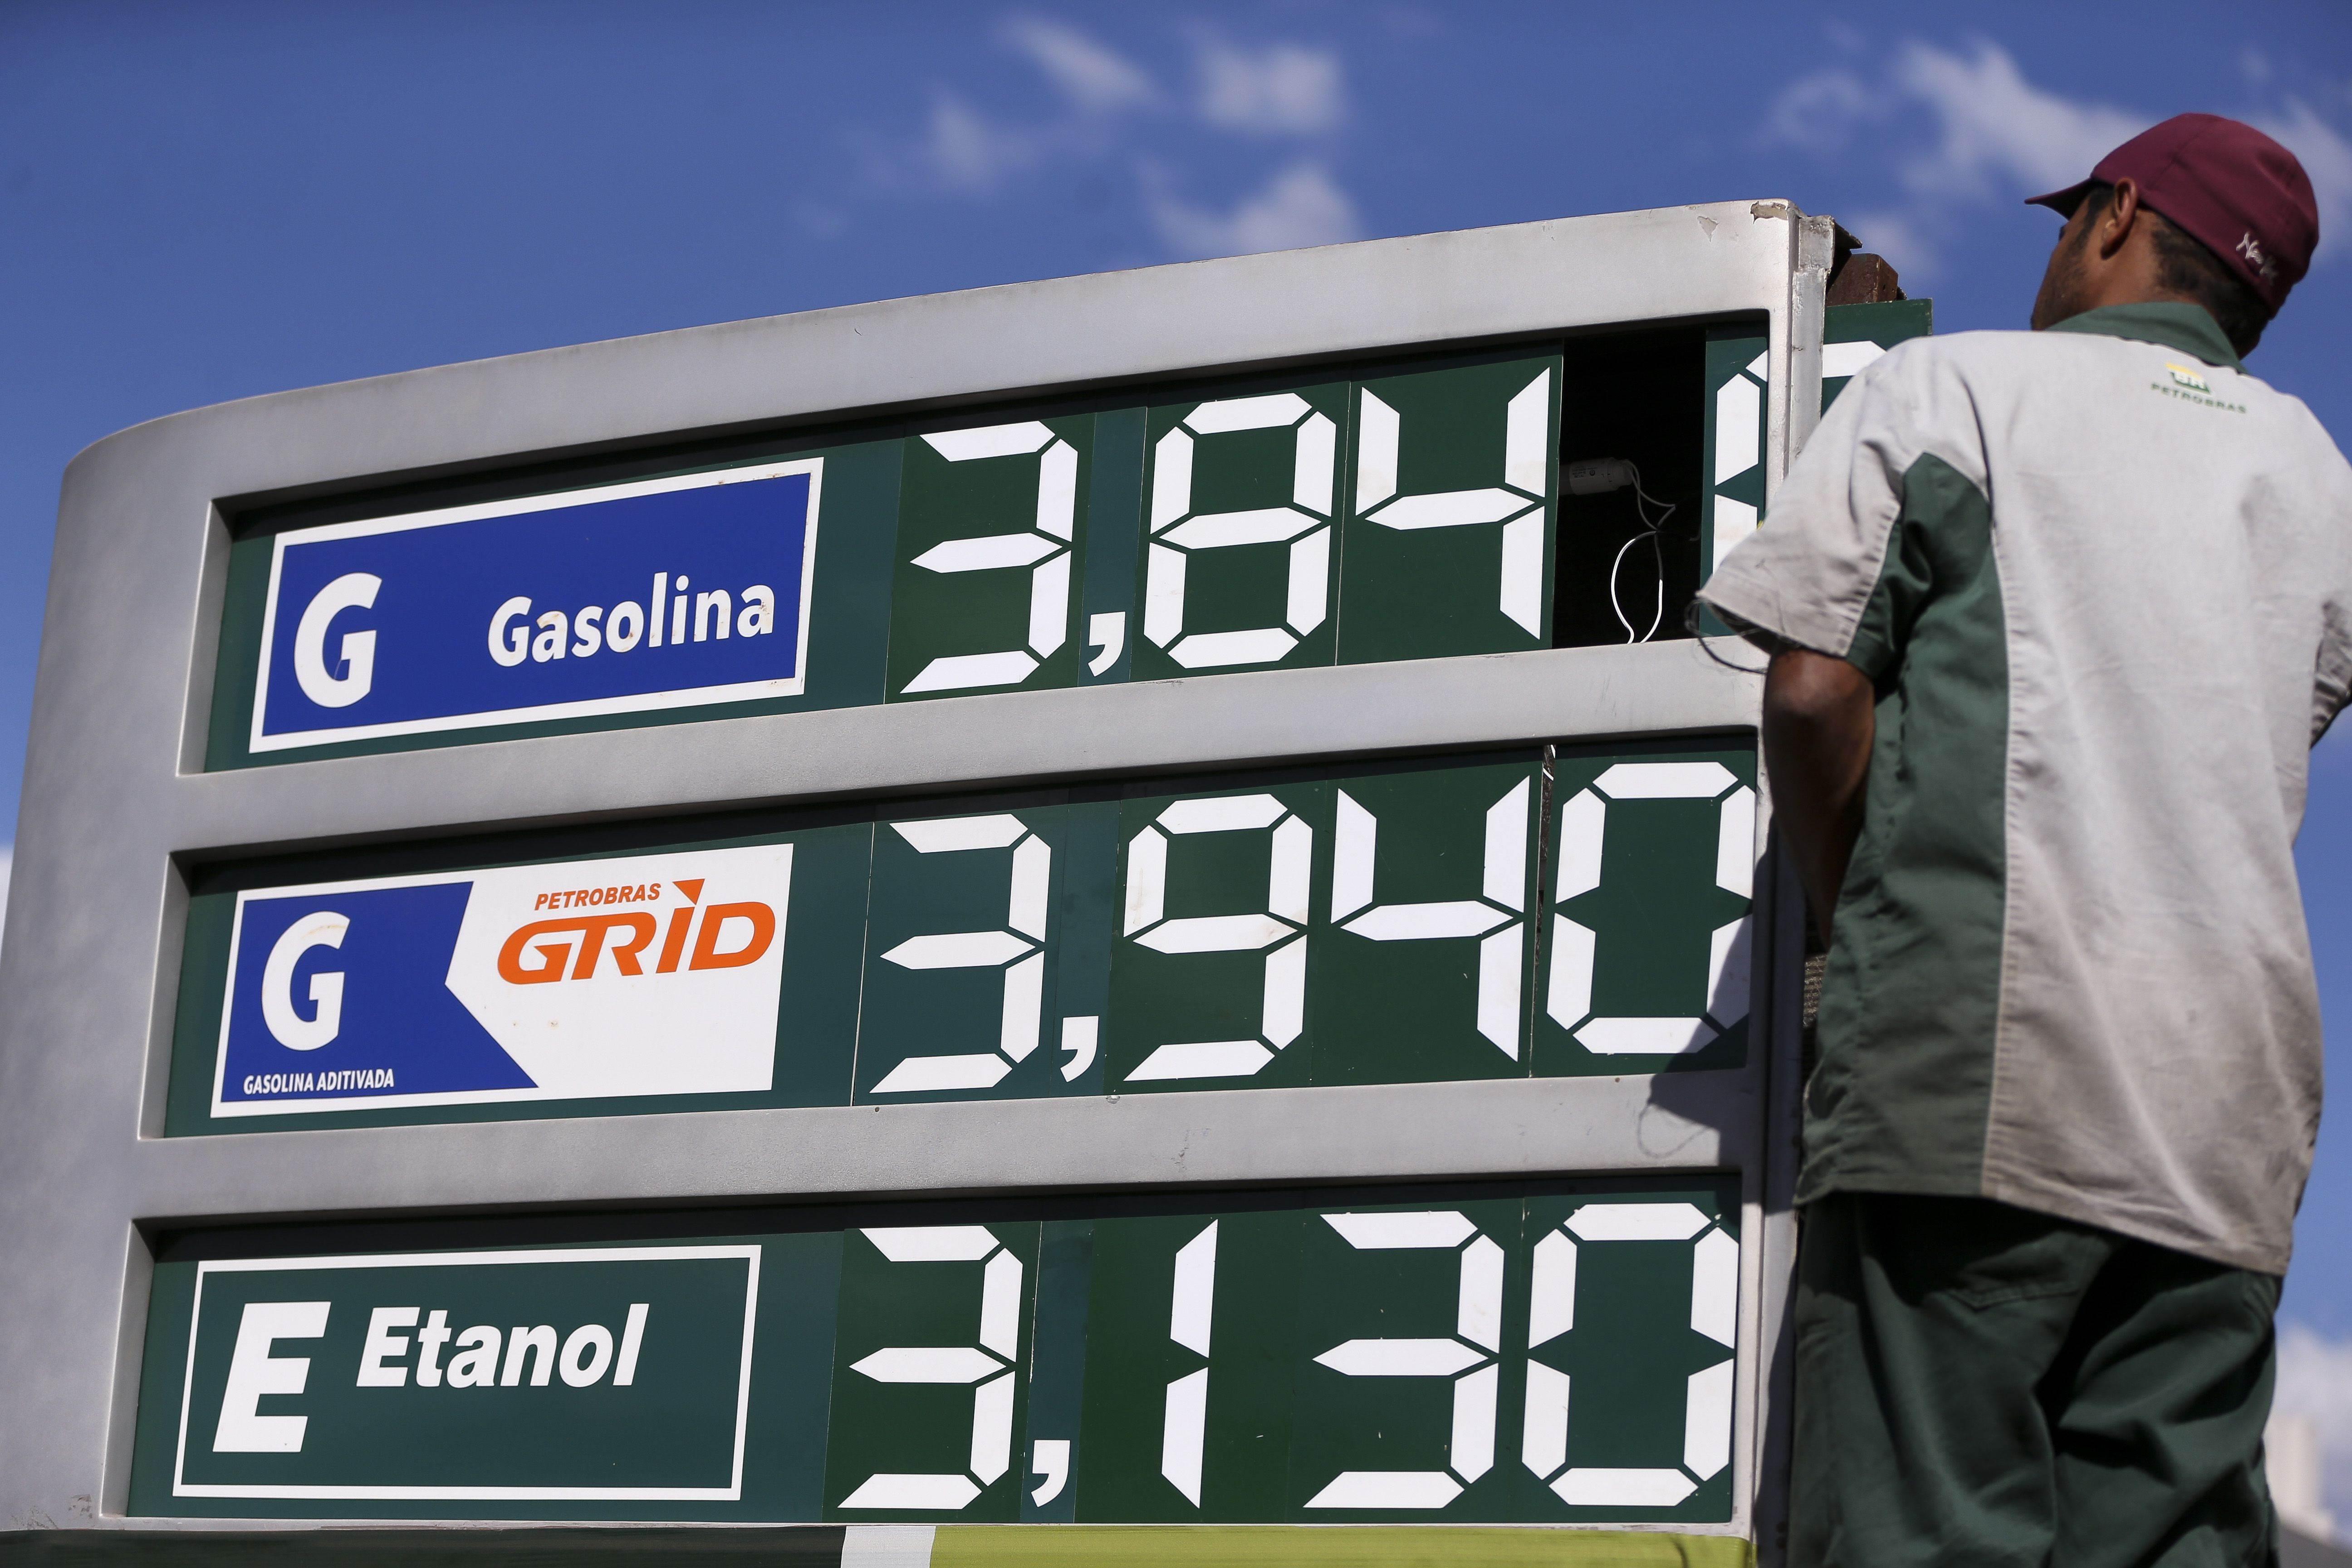 Postos de combustíveis subiram preço dos combustíveis na Grande Goiânia em agosto | Foto: Marcelo Camargo/Agência Brasil